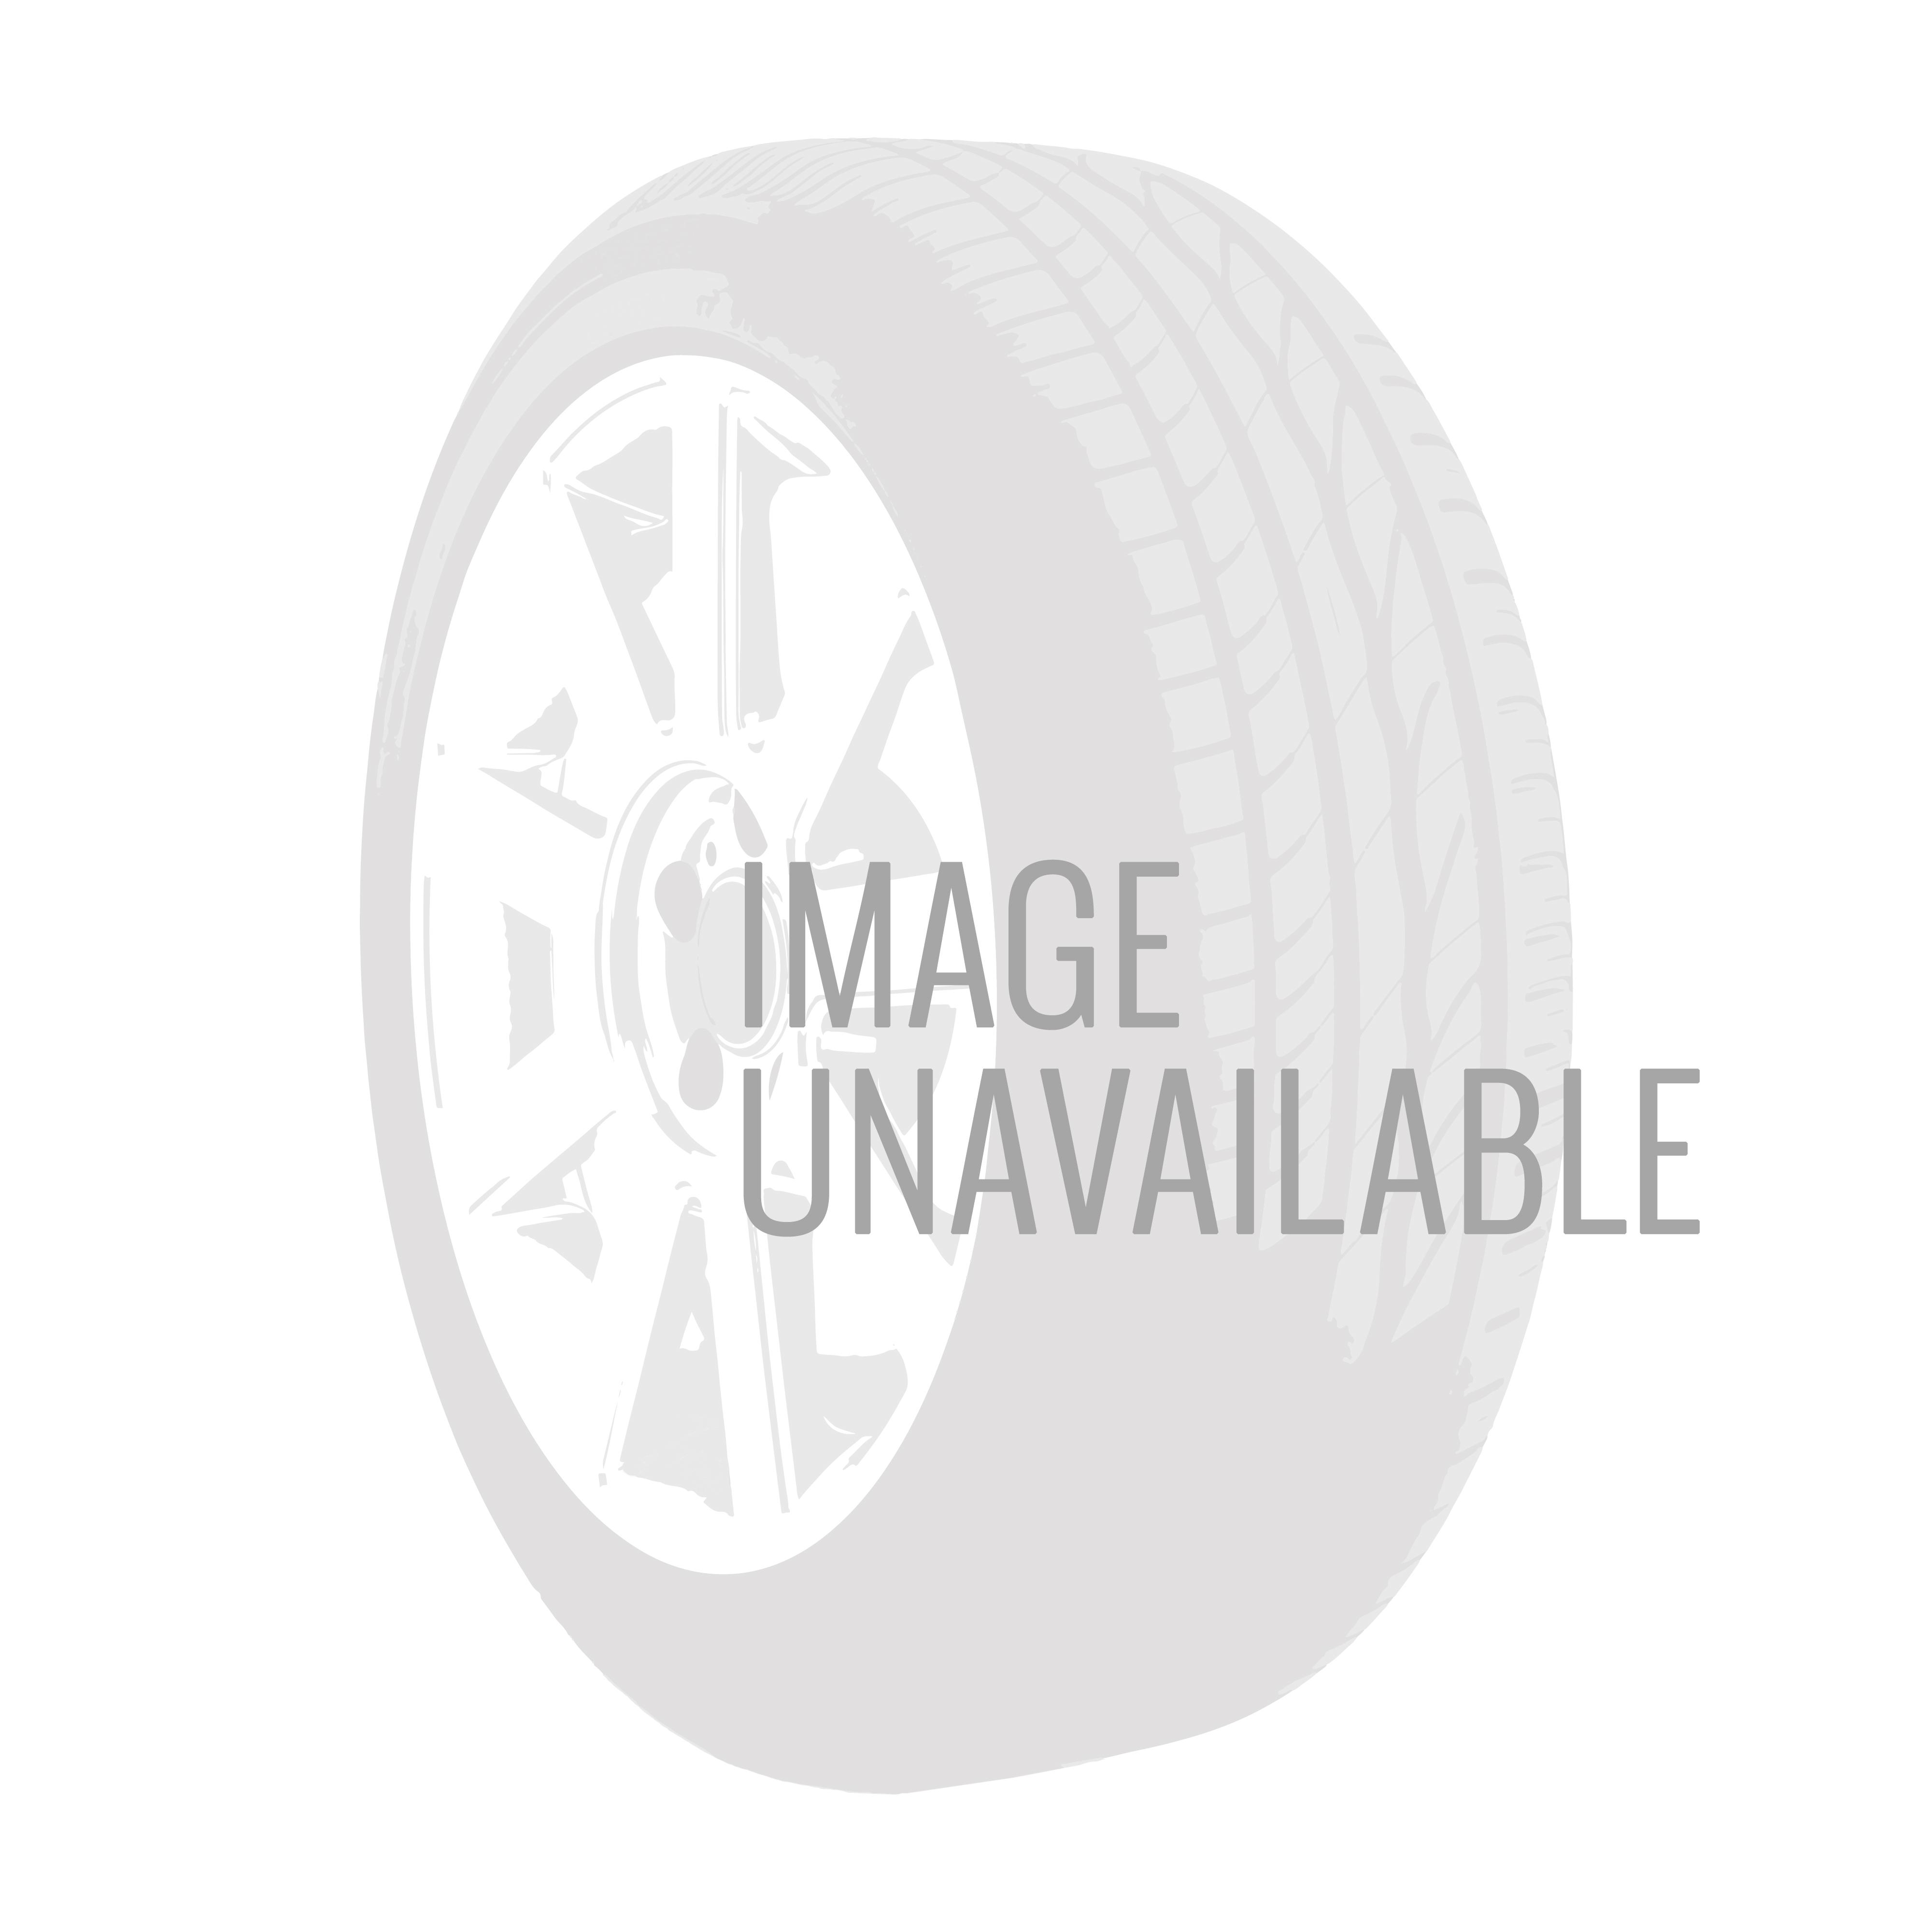 Turanza Ar20 Ban Mobil Bridgestone 195 65 R15 Vocer Halaman Utama Bisa Digulir